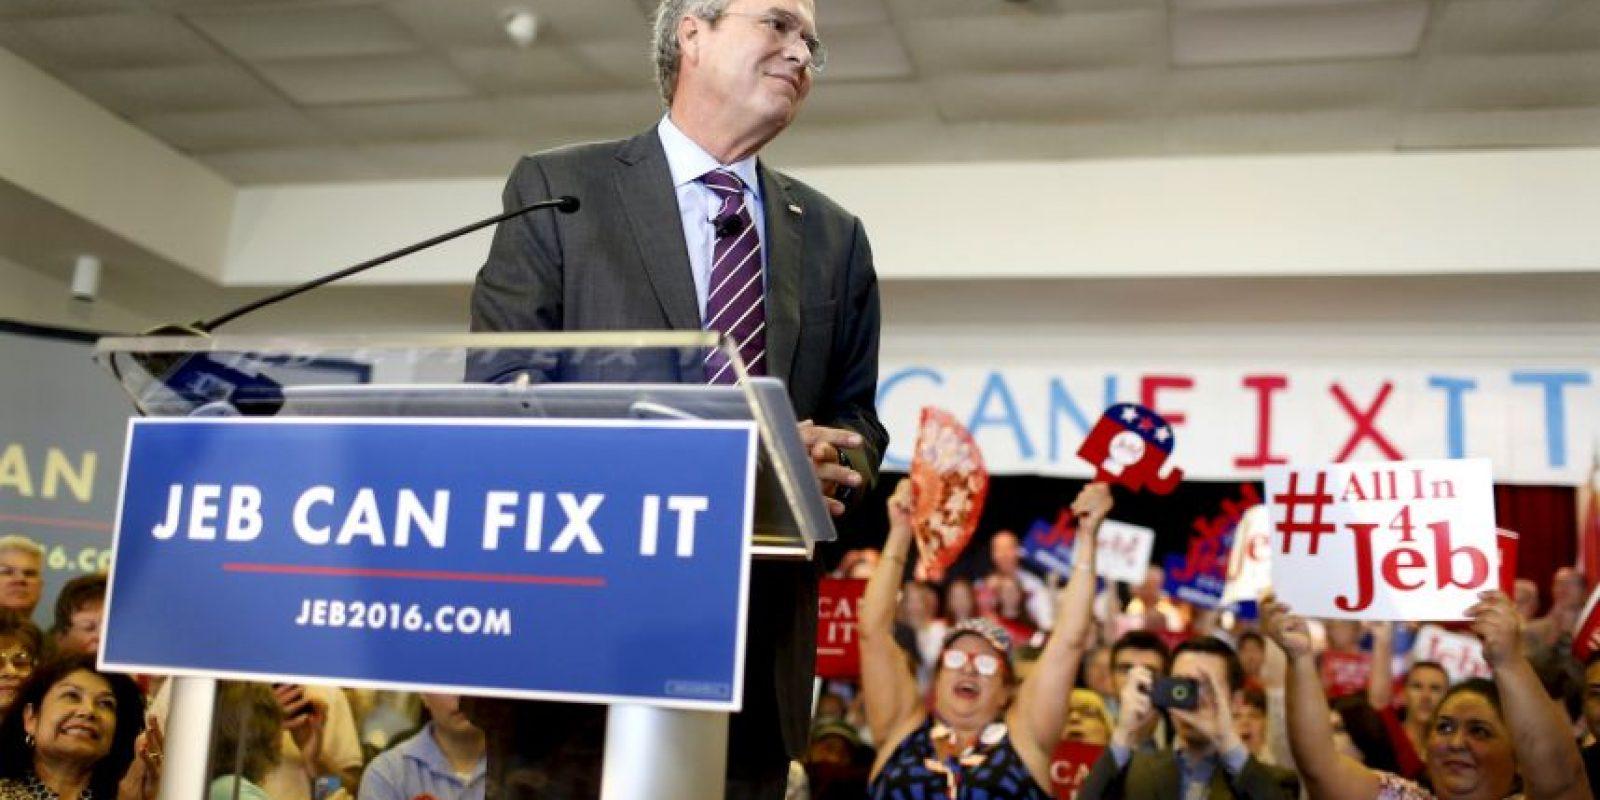 La candidatura de Jeb Bush, en declive desde el inicio Foto:Getty Images